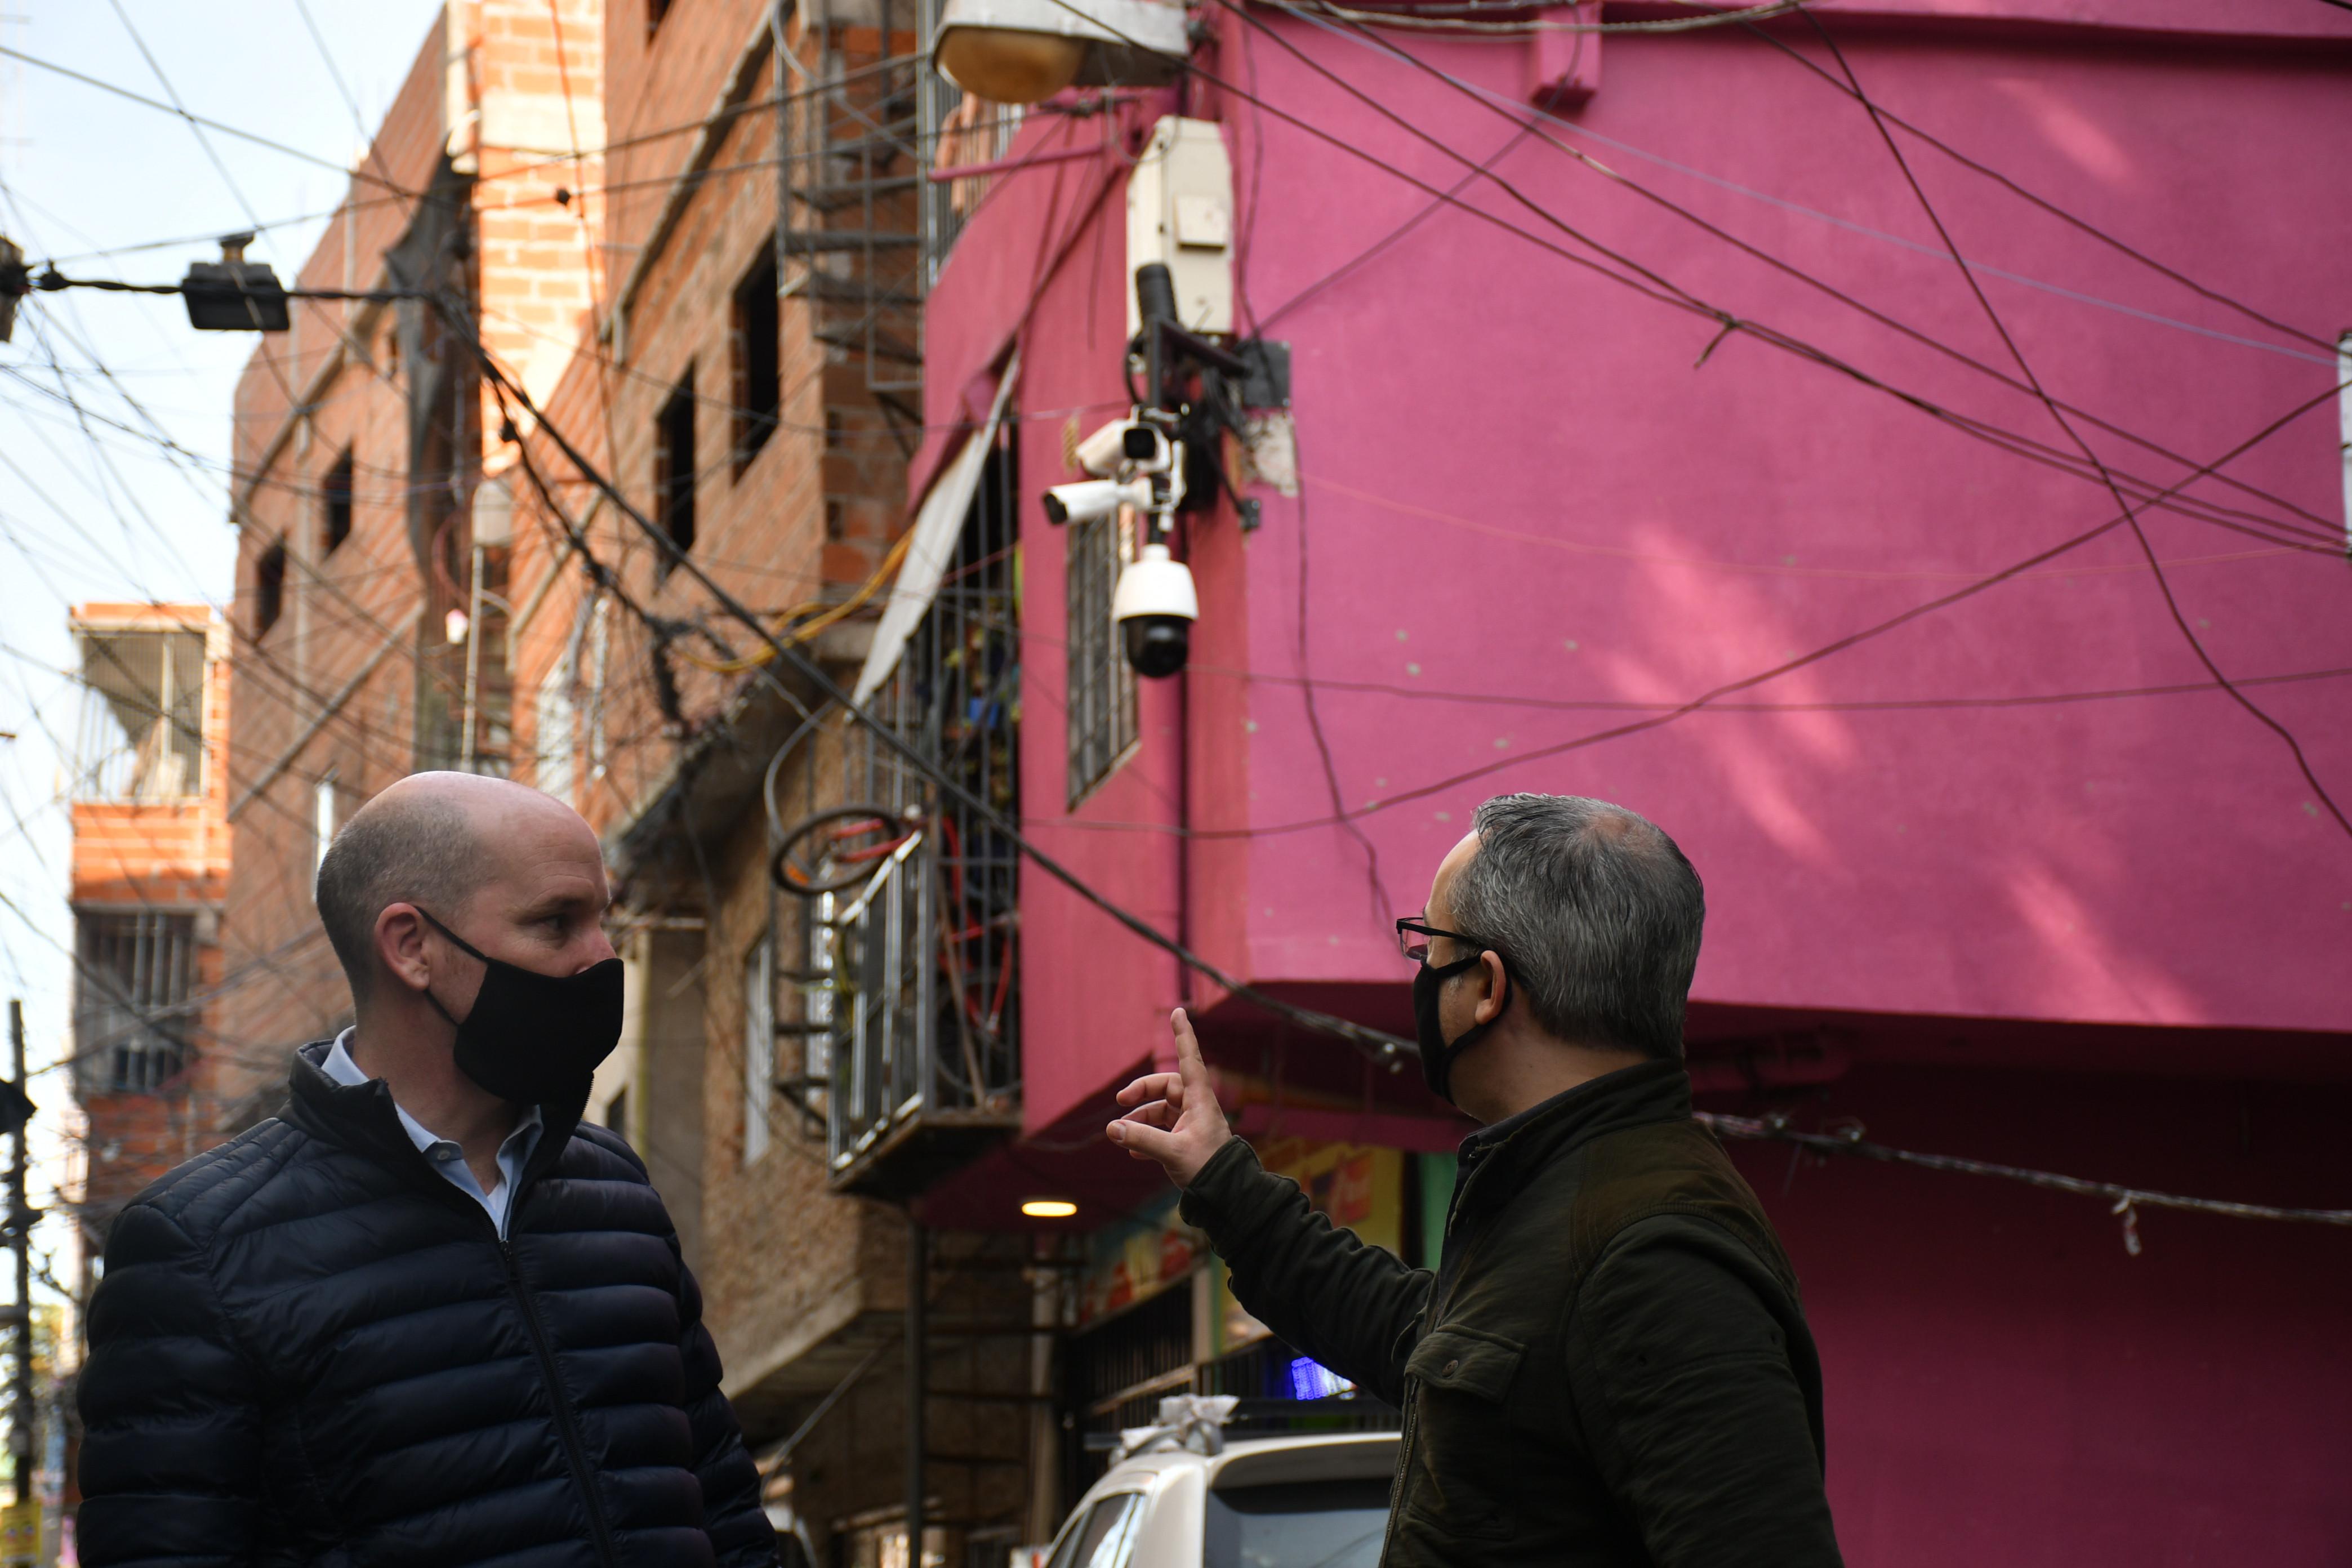 Se instalaron 75 cámaras para optimizar el sistema de video y visualizar los puntos estratégicos del lugar.